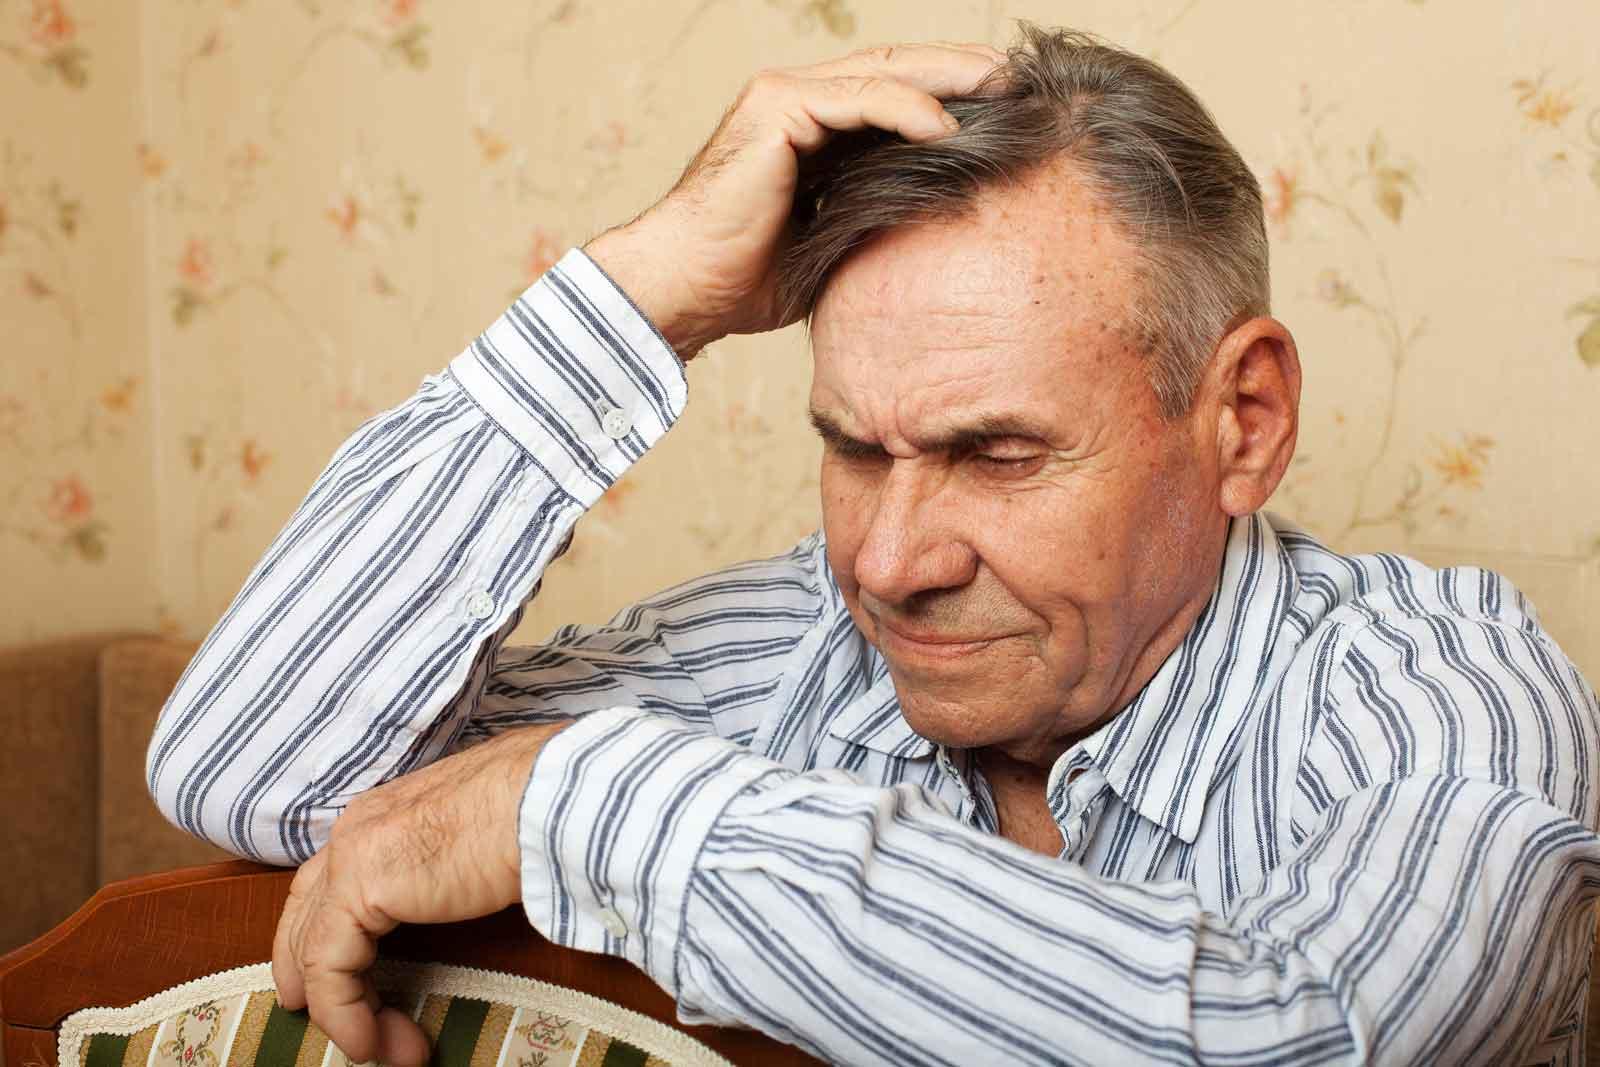 elderly-man-looking-confused